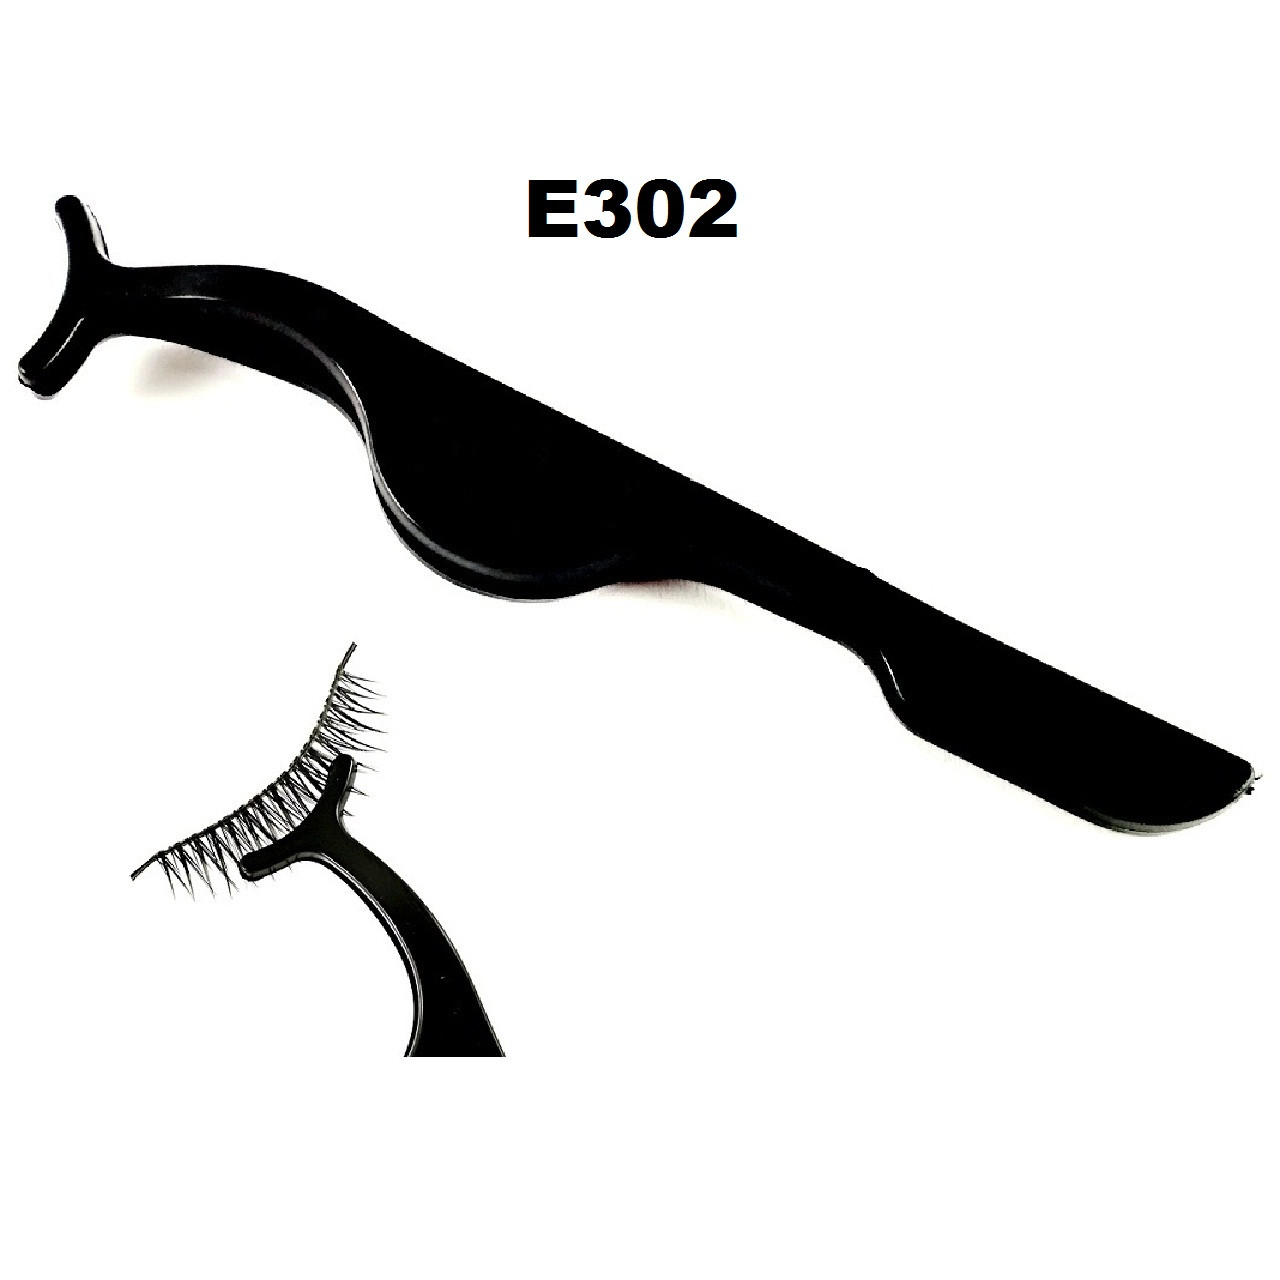 Пинцет для ленточных накладных ресниц (9 видов) Пластик, Черный